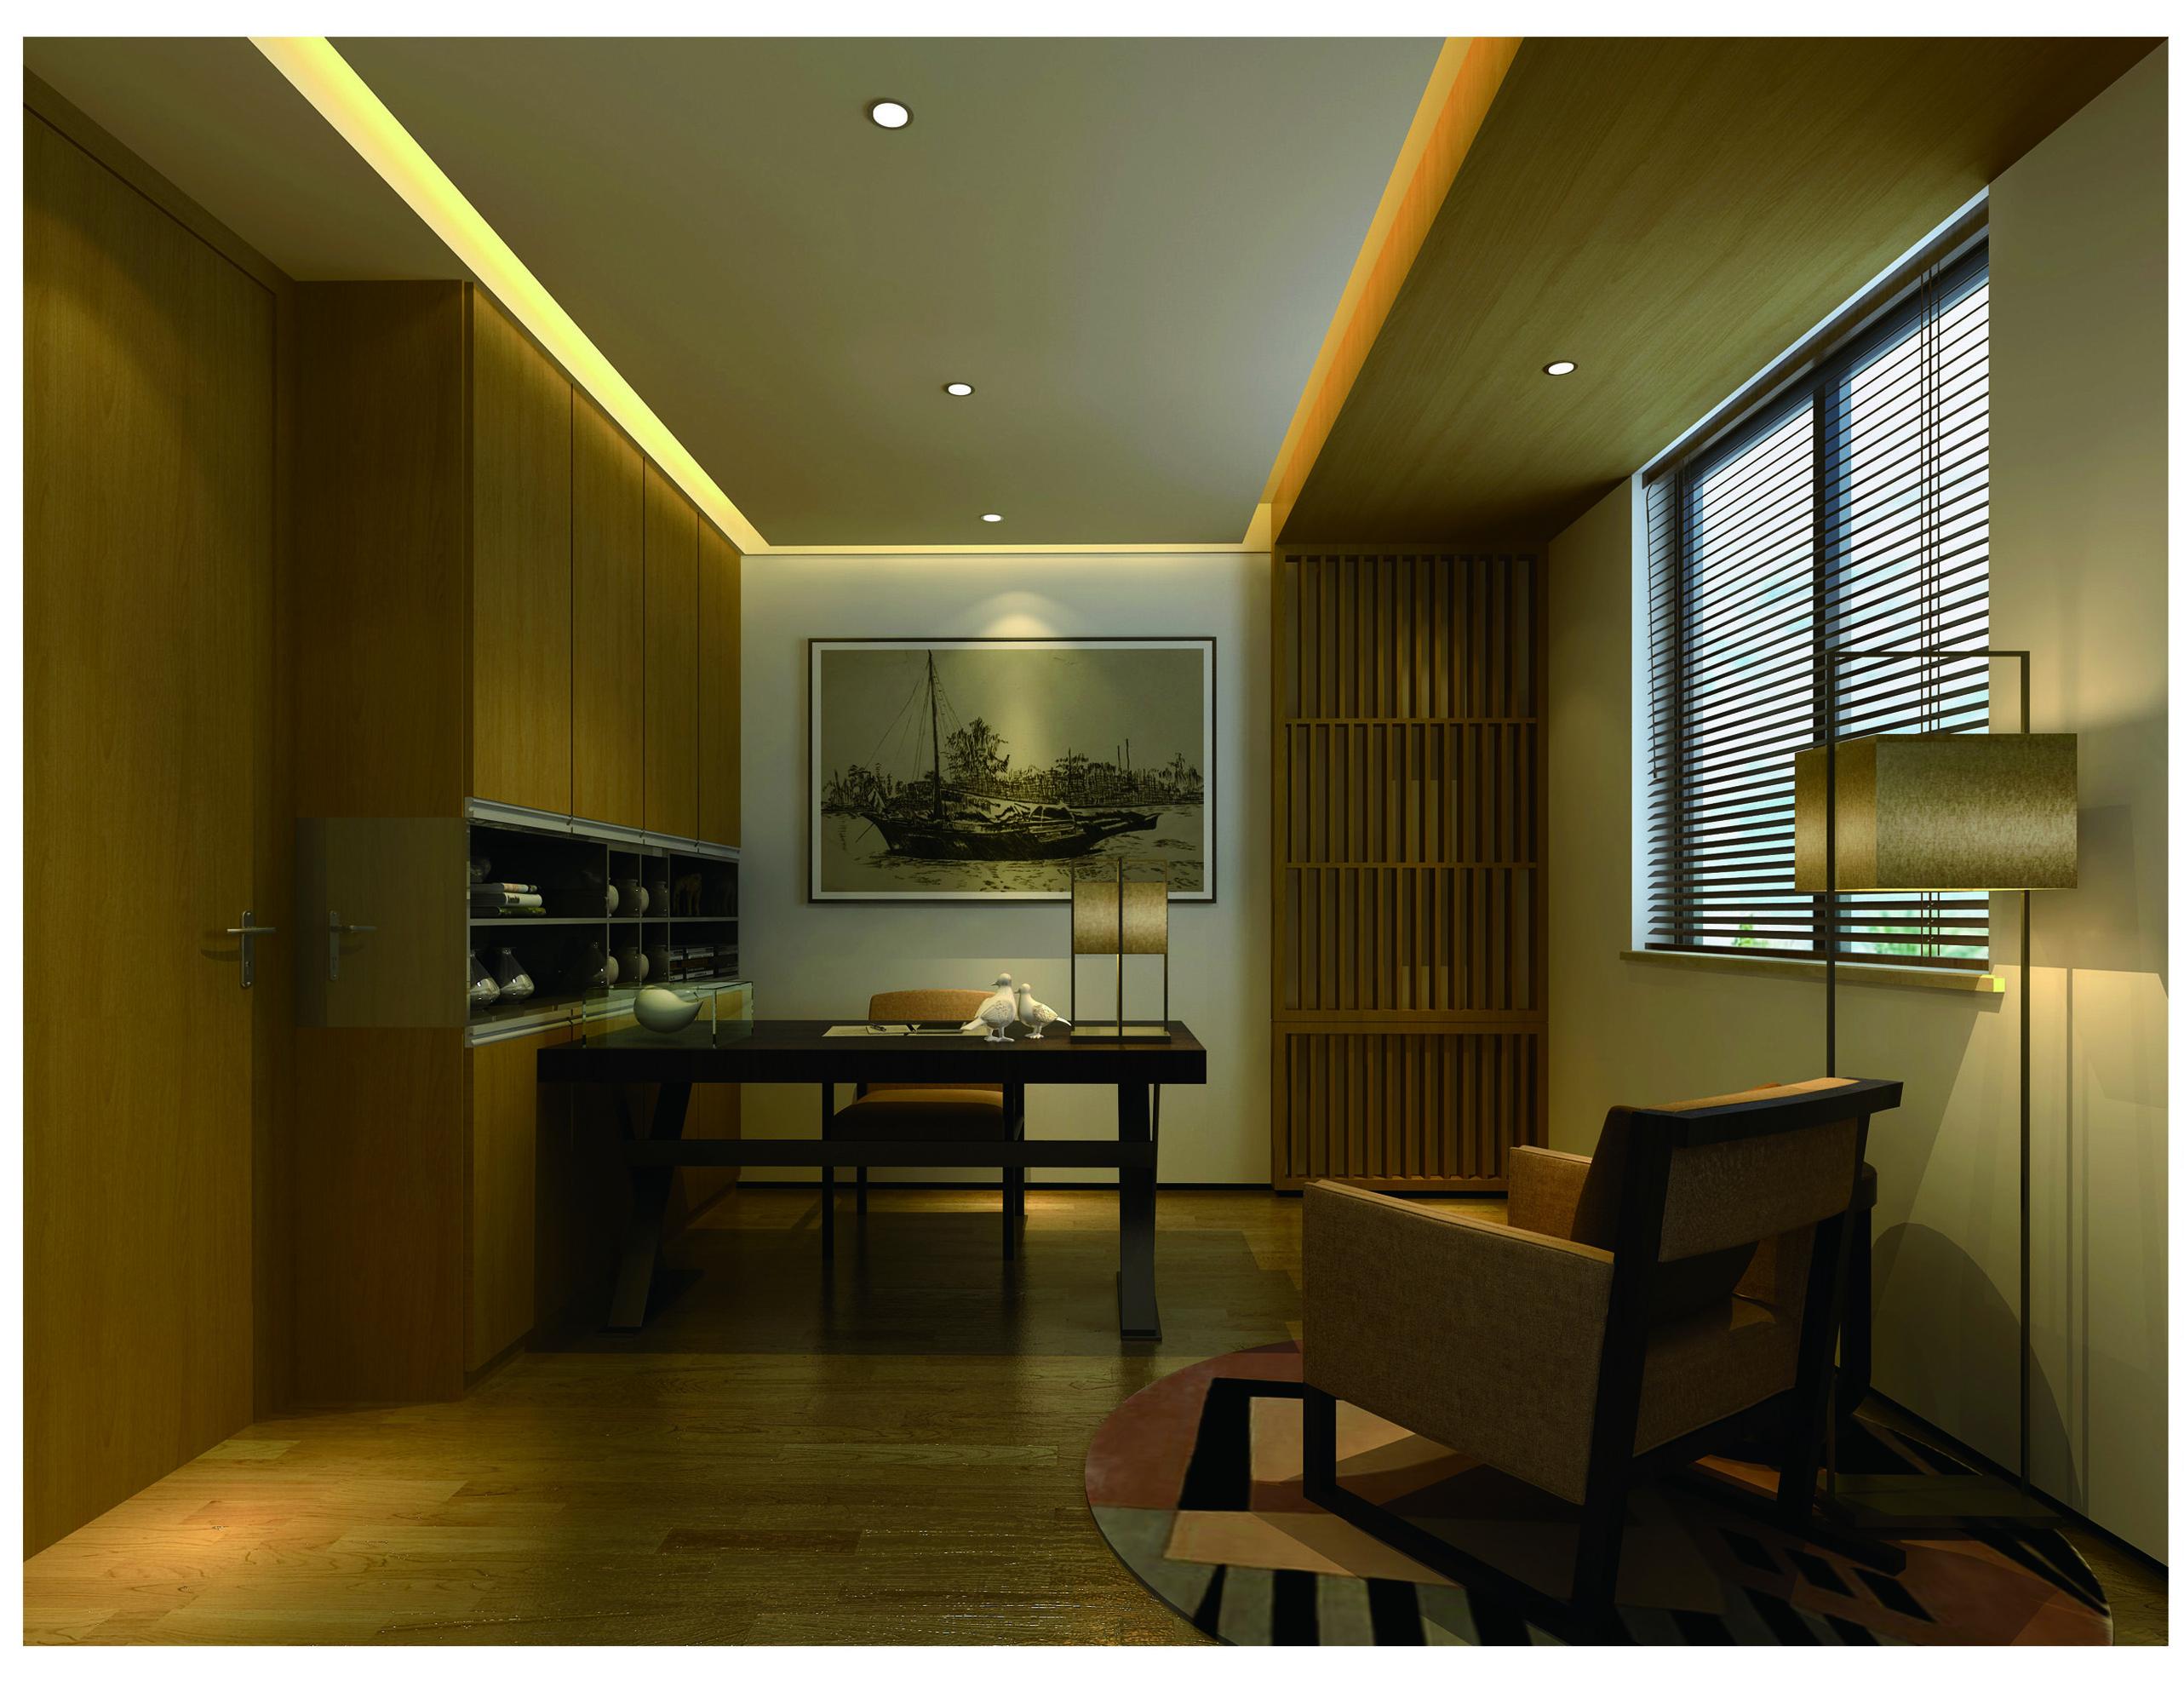 简约 三居 白领 现代简约 80后 客厅 餐厅 卧室 书房图片来自超凡装饰季国华在简约时尚风格样板间的分享